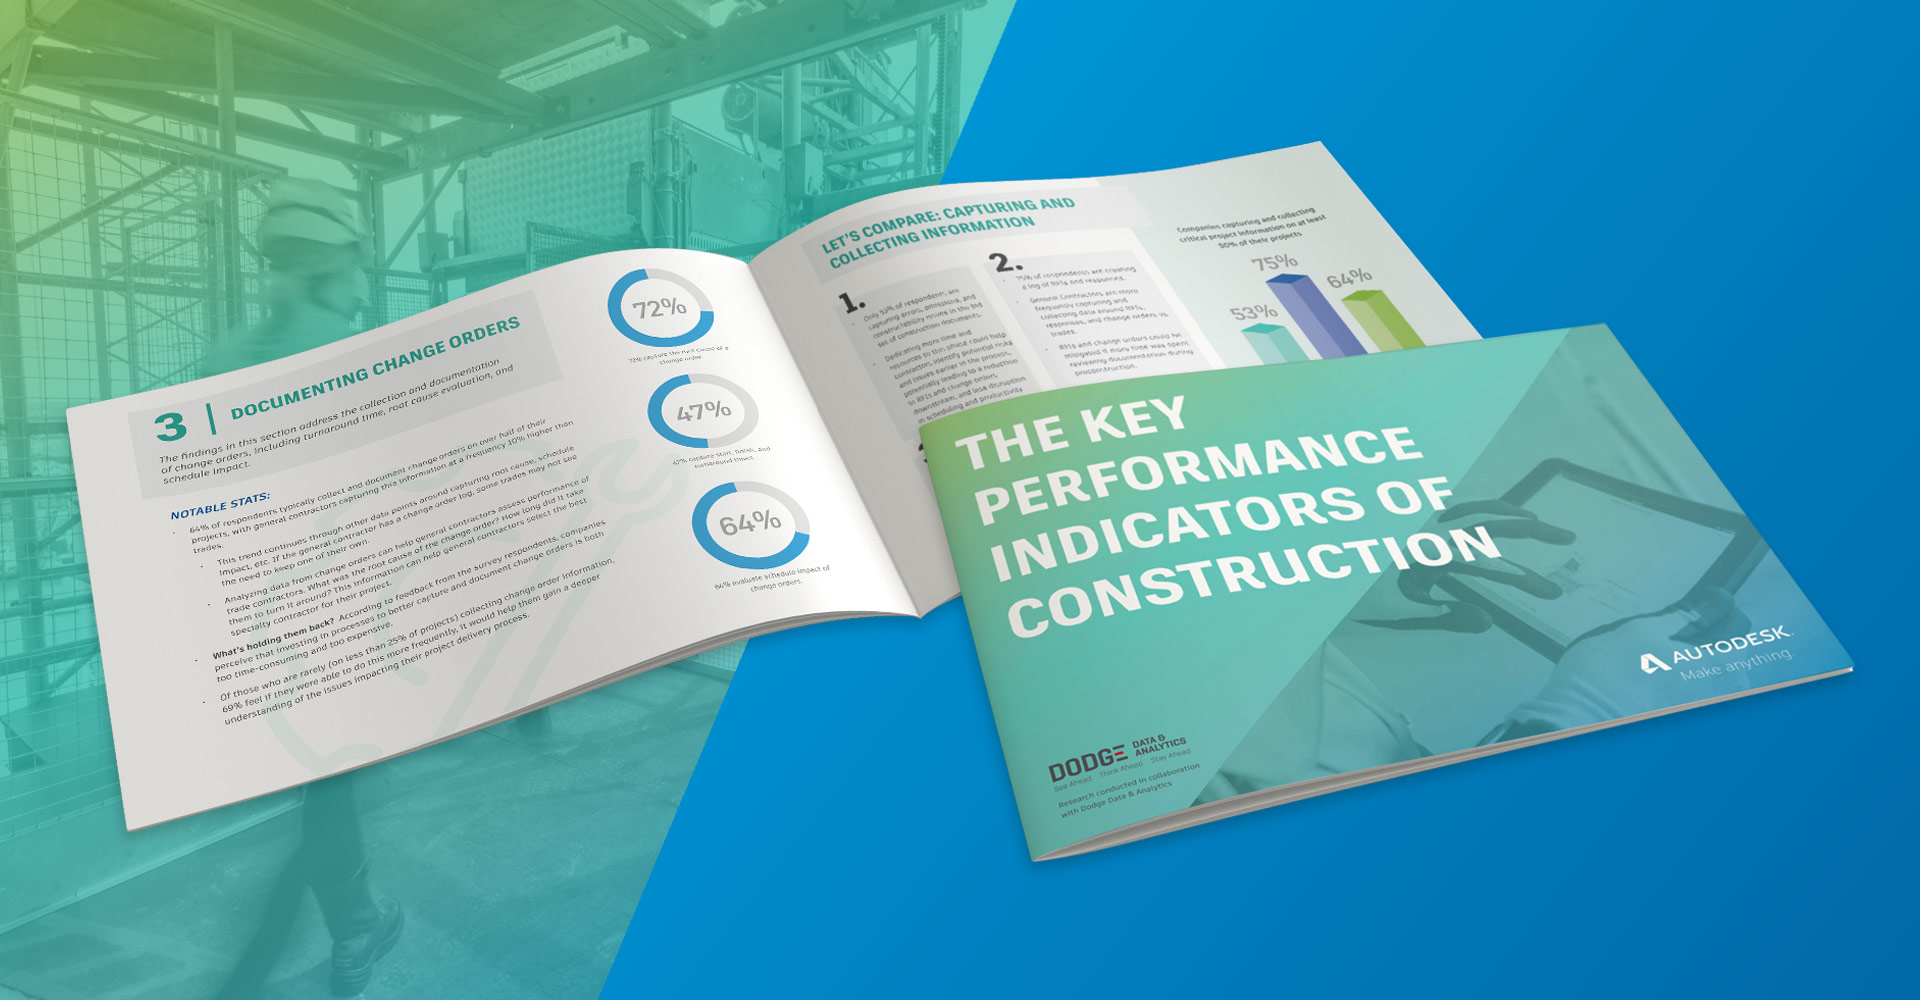 Construction Management Software | Autodesk Construction Solutions